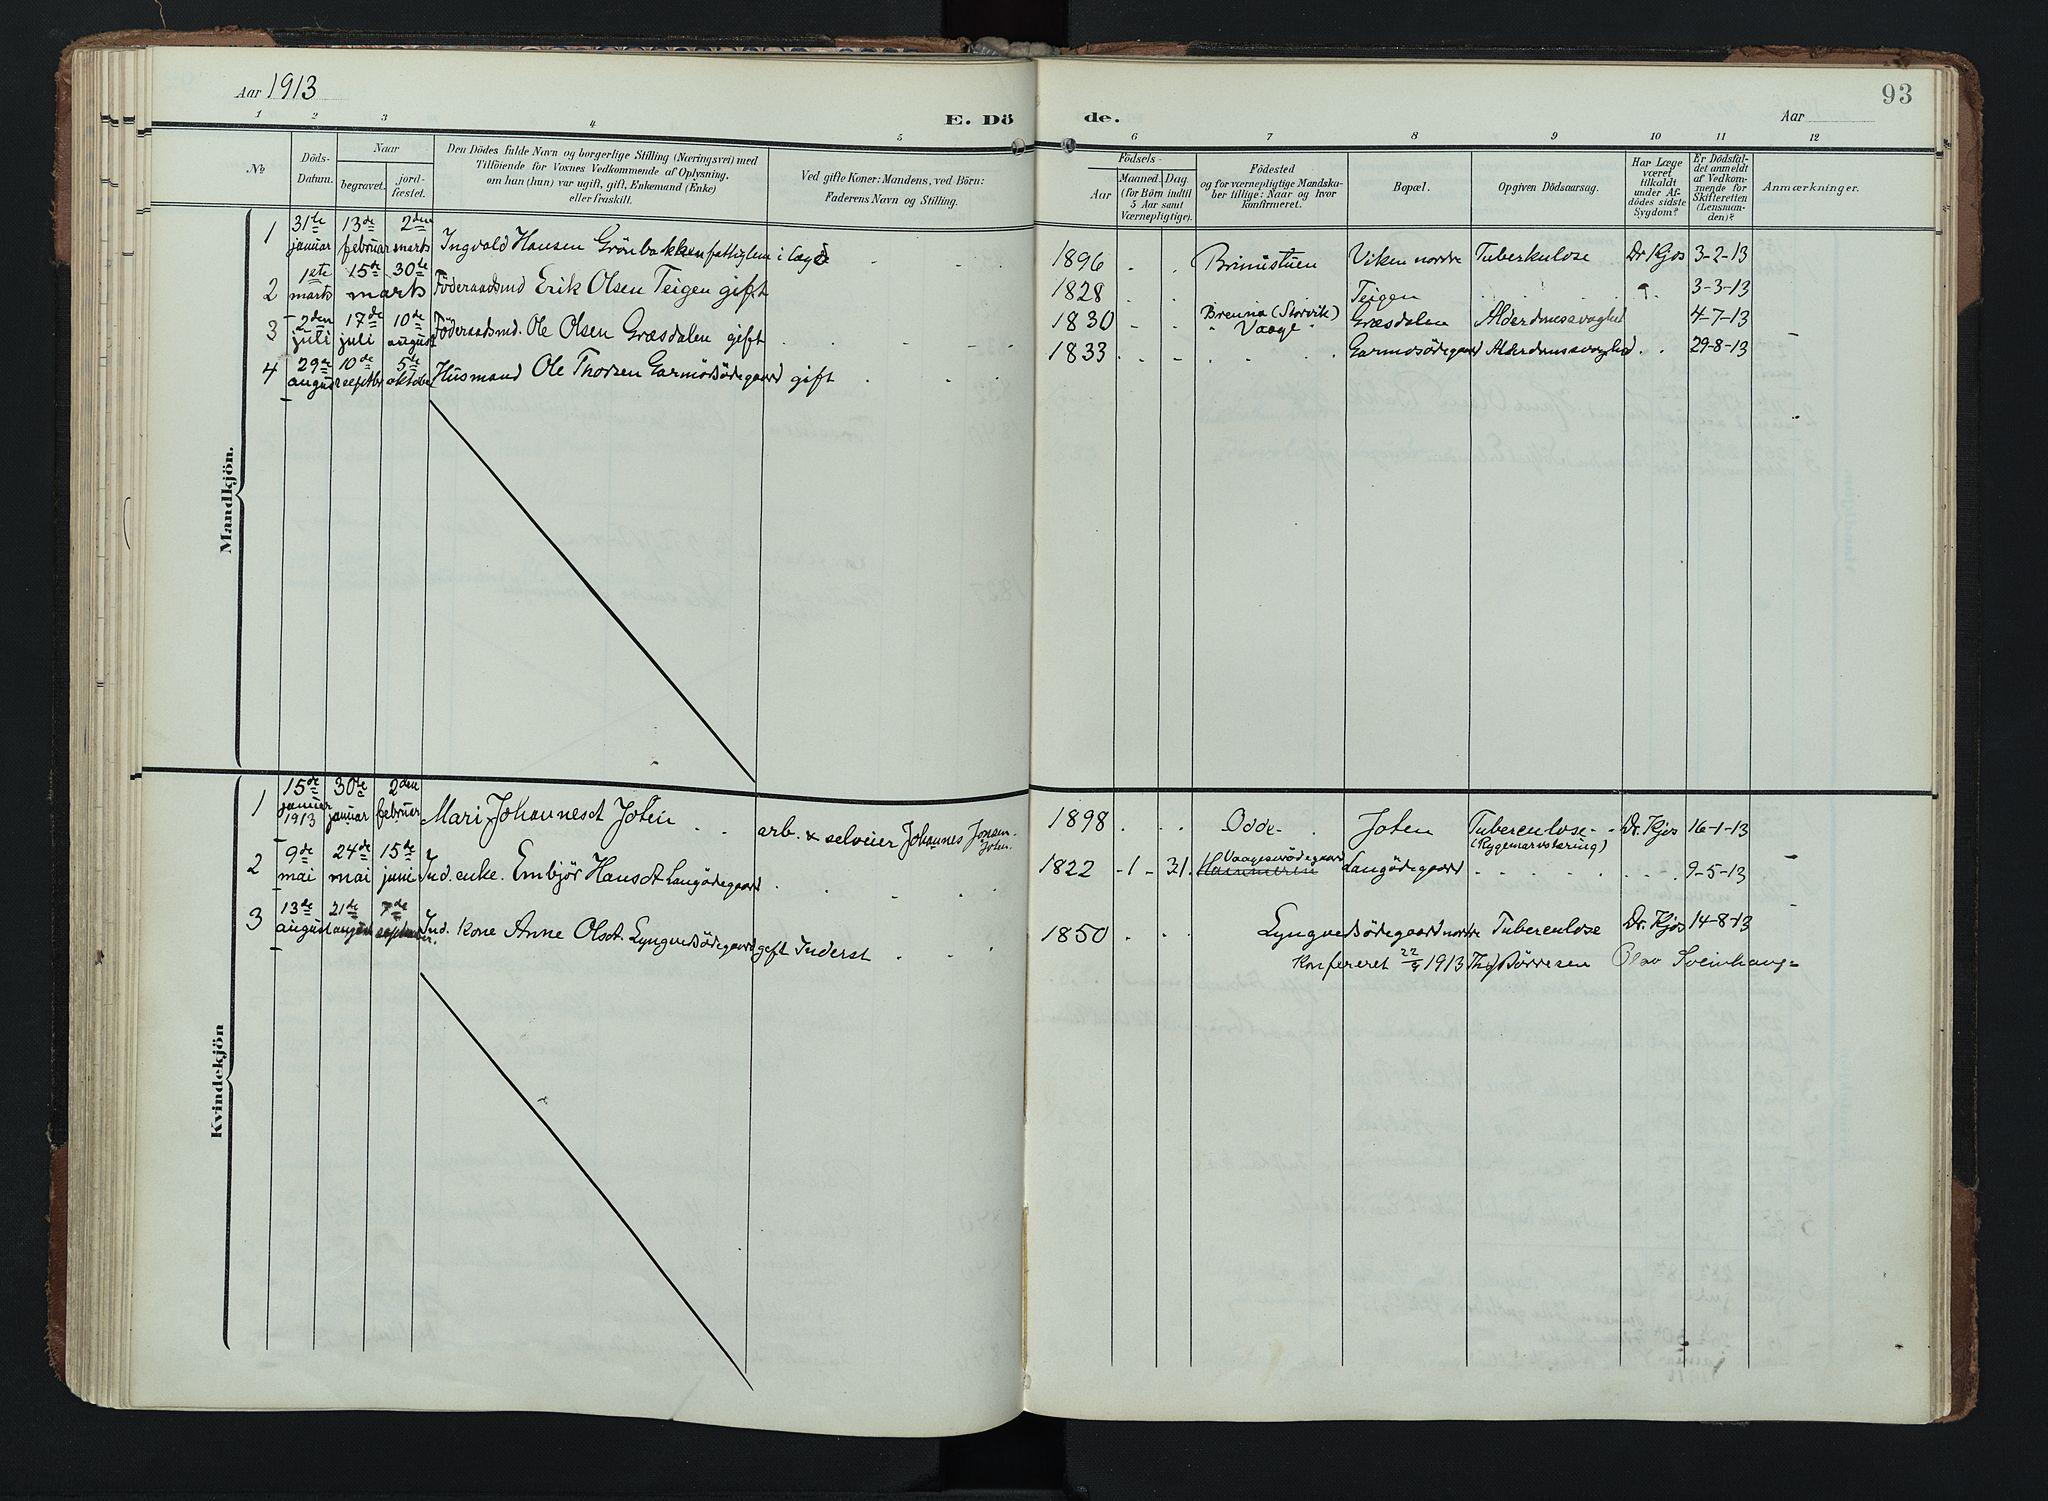 SAH, Lom prestekontor, K/L0011: Ministerialbok nr. 11, 1904-1928, s. 93